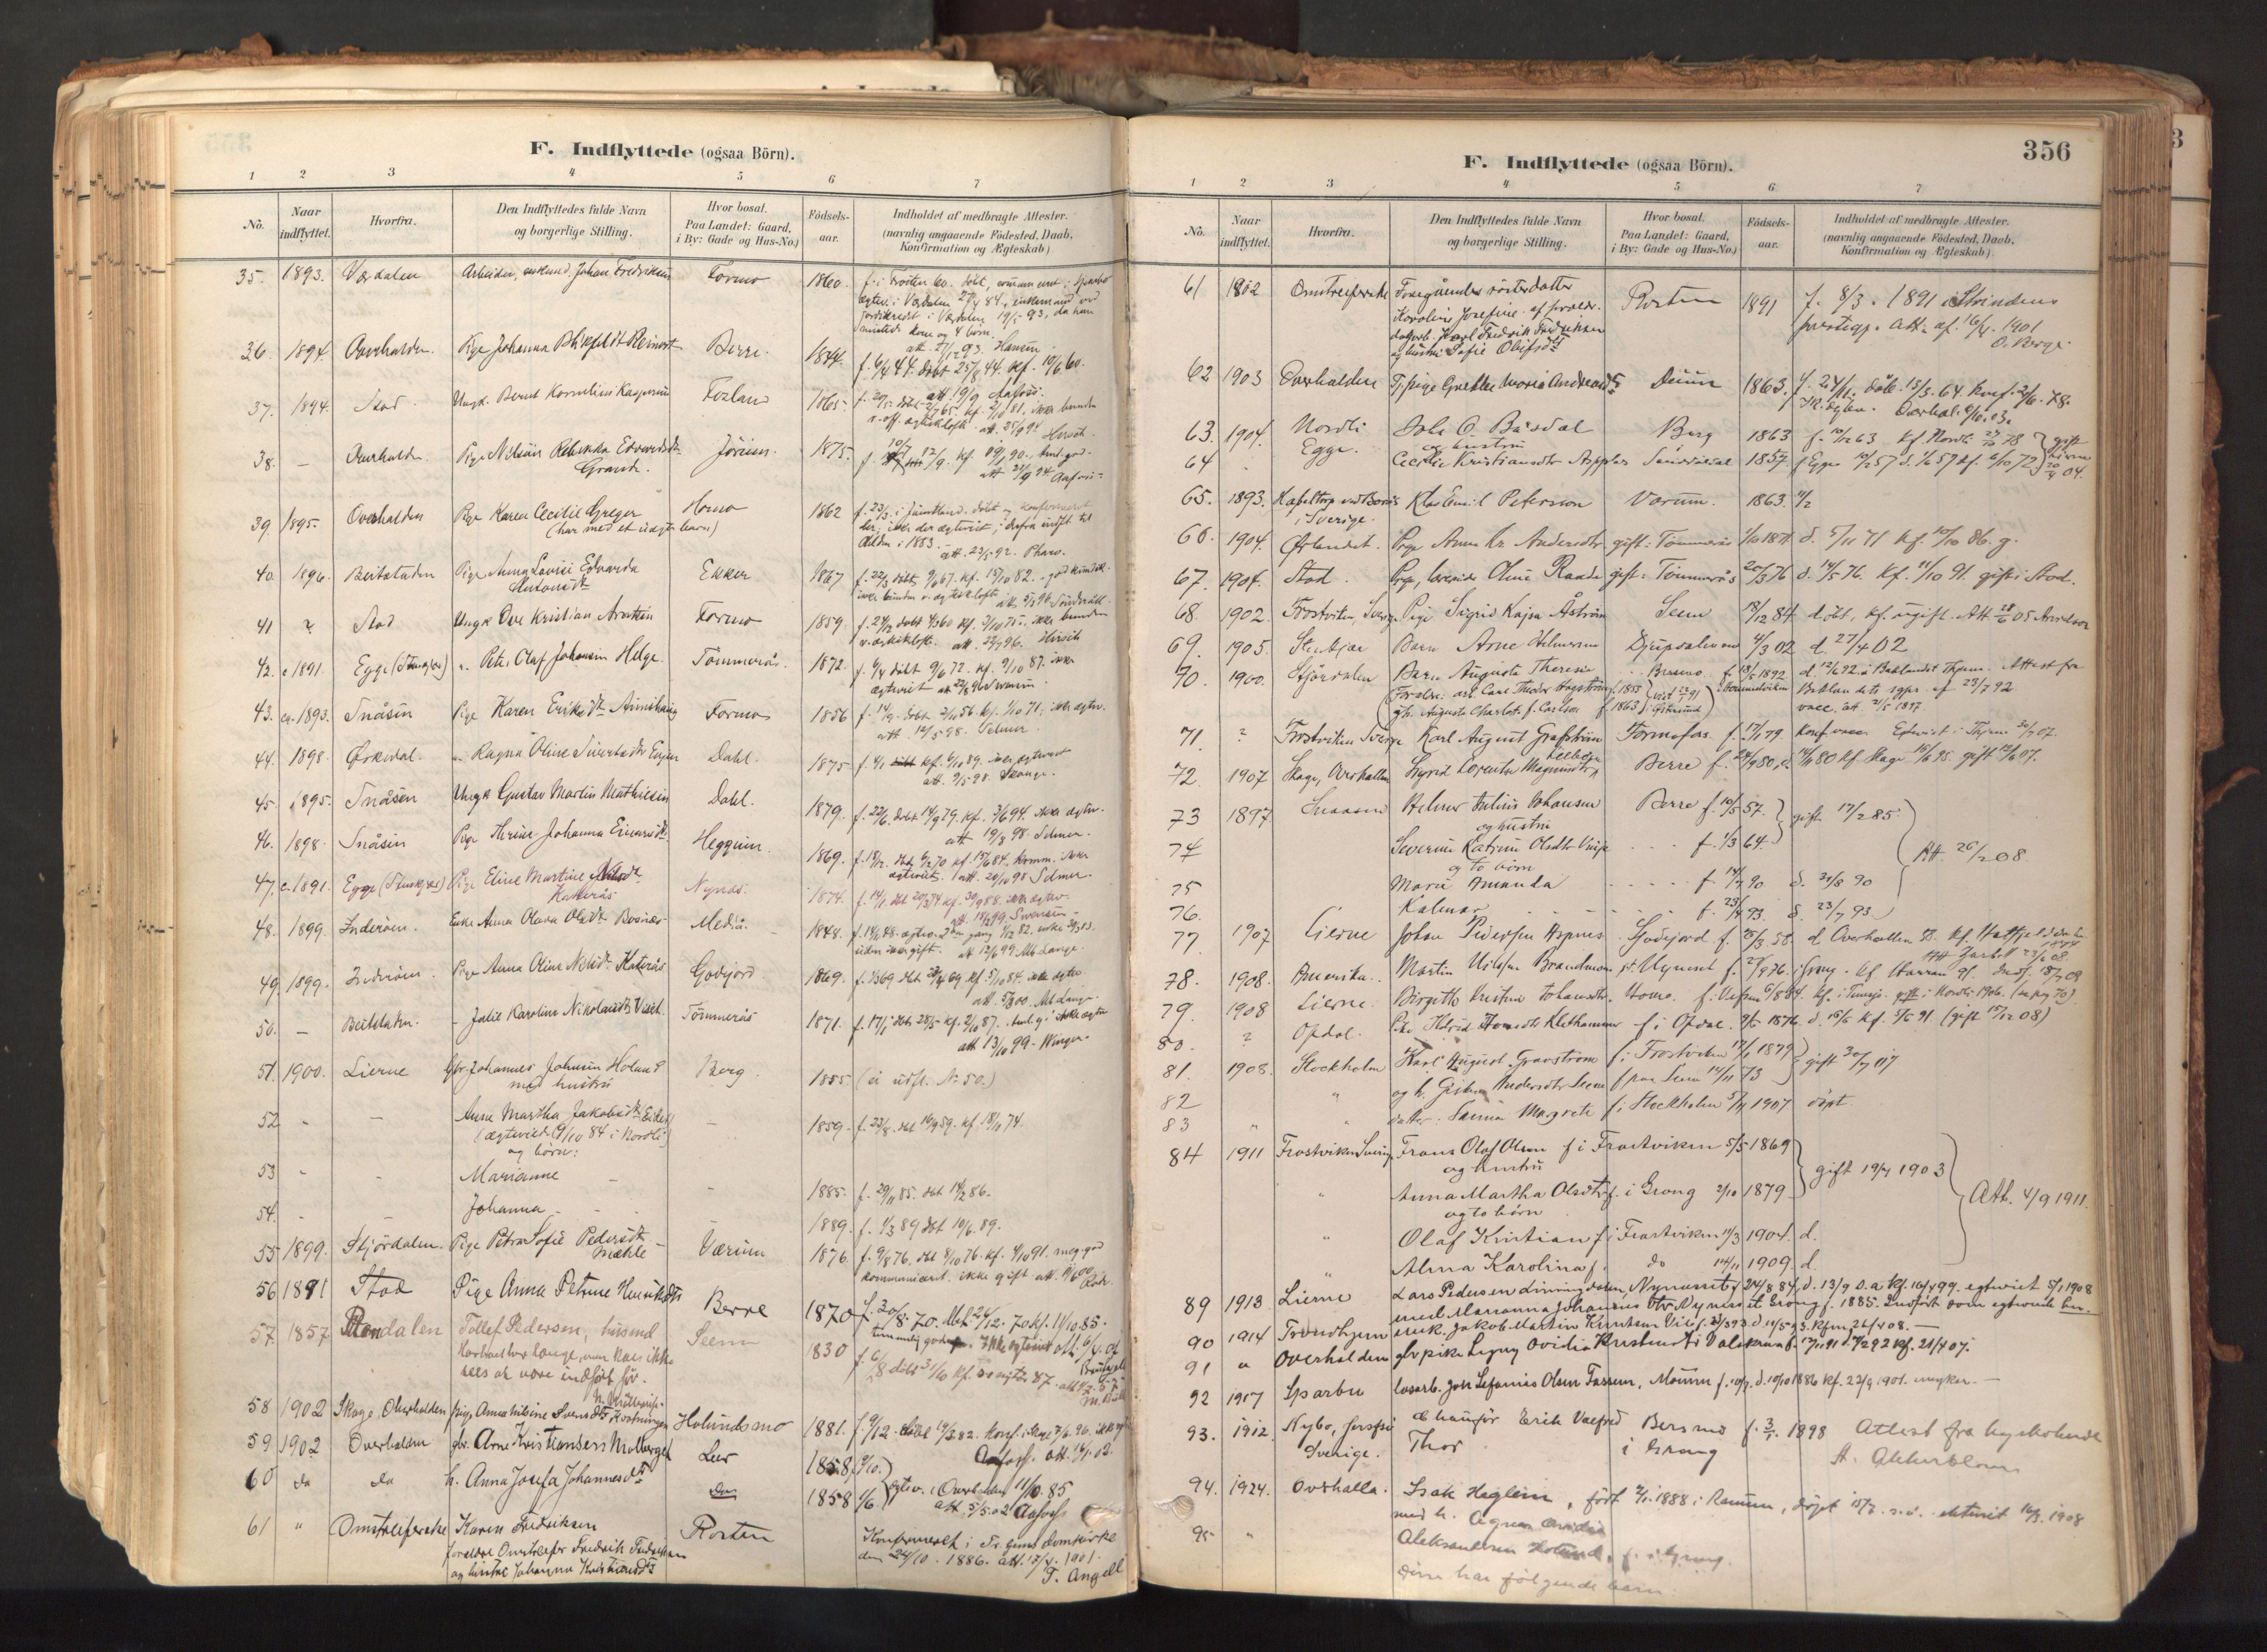 SAT, Ministerialprotokoller, klokkerbøker og fødselsregistre - Nord-Trøndelag, 758/L0519: Ministerialbok nr. 758A04, 1880-1926, s. 356